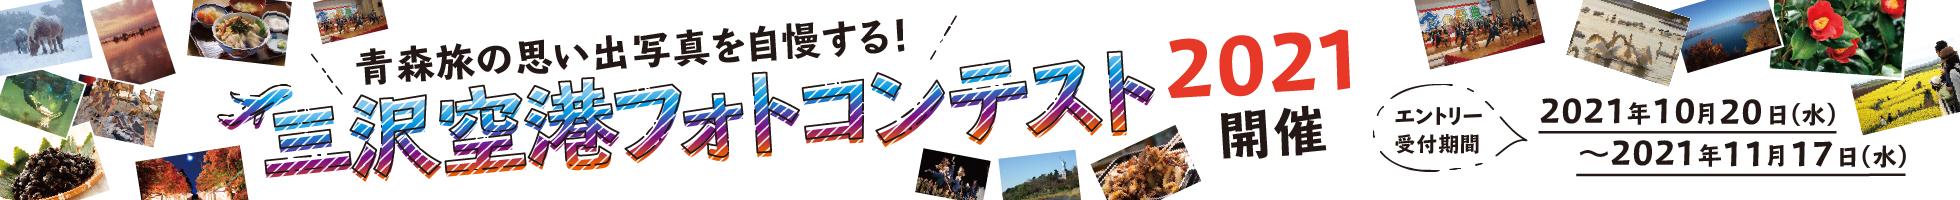 三沢空港フォトコンテスト開催